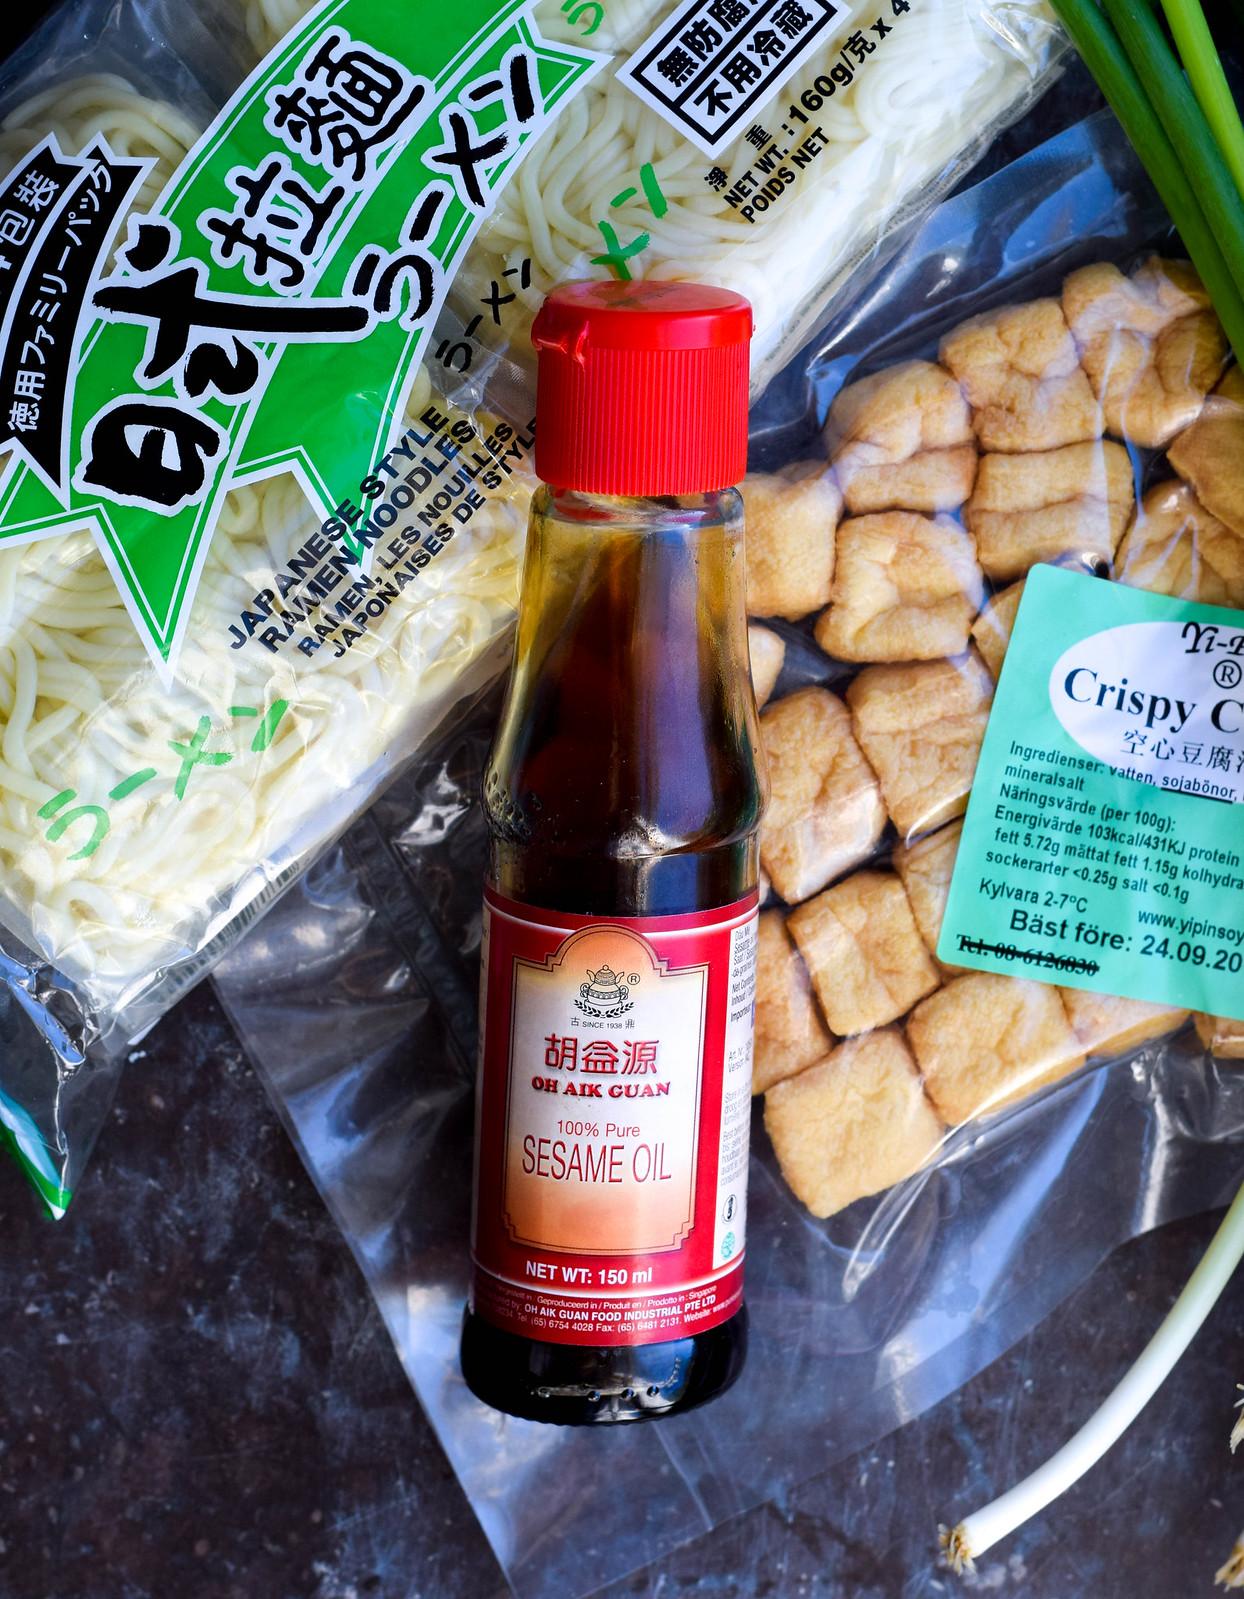 Ett paket med färska ramennudlar, tofupuffar, en flask sesamolja och vårlök ligger på ett fönsterbläck i mörk marmor